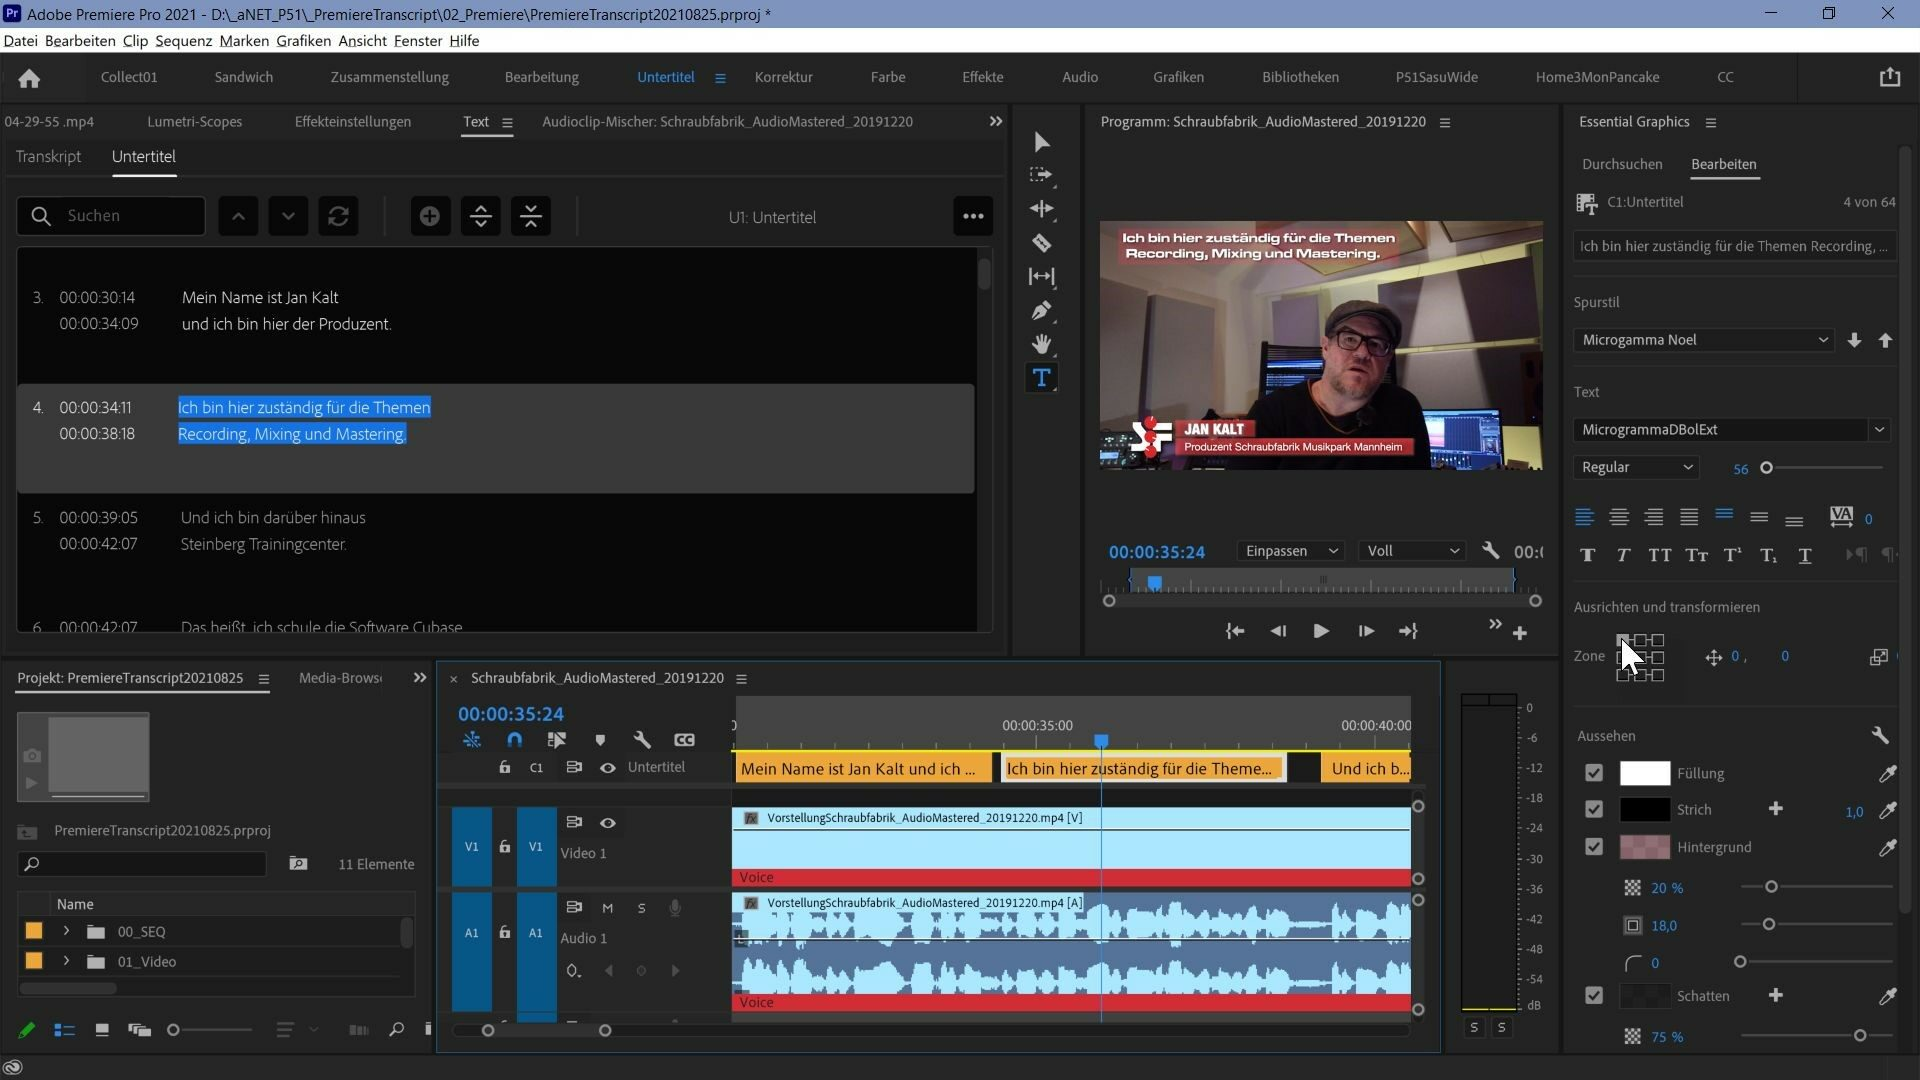 Wenn nun einige Untertitel modifiziert werden sollen, können einzelne oder mit der Shift Taste auch mehrere ausgewählt und im Essential Graphics Fenster editiert werden um zum Beispiel bei einem Sprecher die Farbe des Texthintergrunds zu ändern. Bei einer Überlagerung mit einem Namensinsert können Untertitel auch anders positioniert werden.